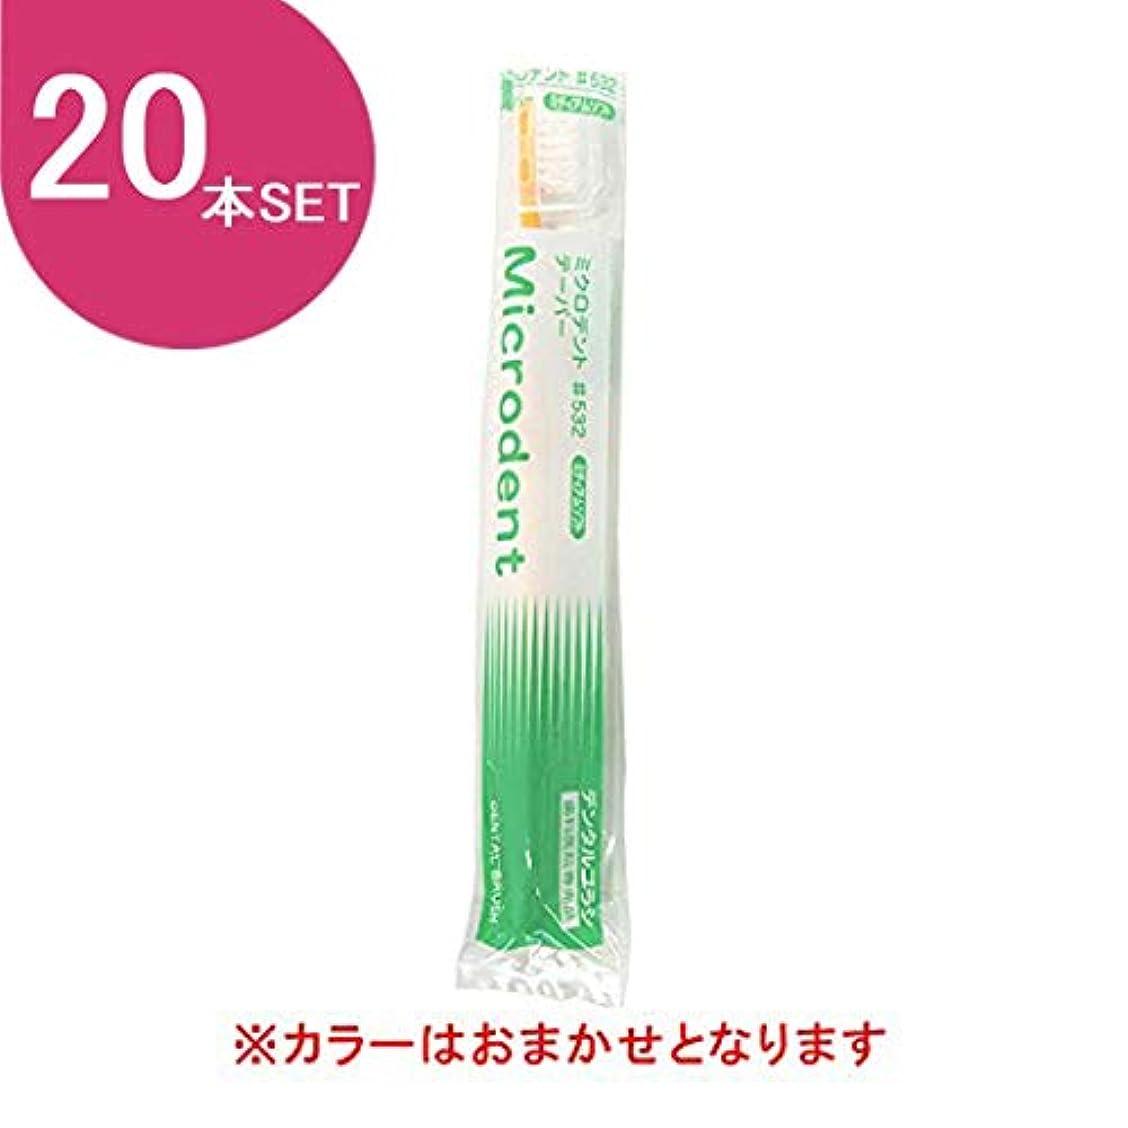 価格枕動かない白水貿易 ミクロデント (Microdent) 20本 #532 (ミディアム)